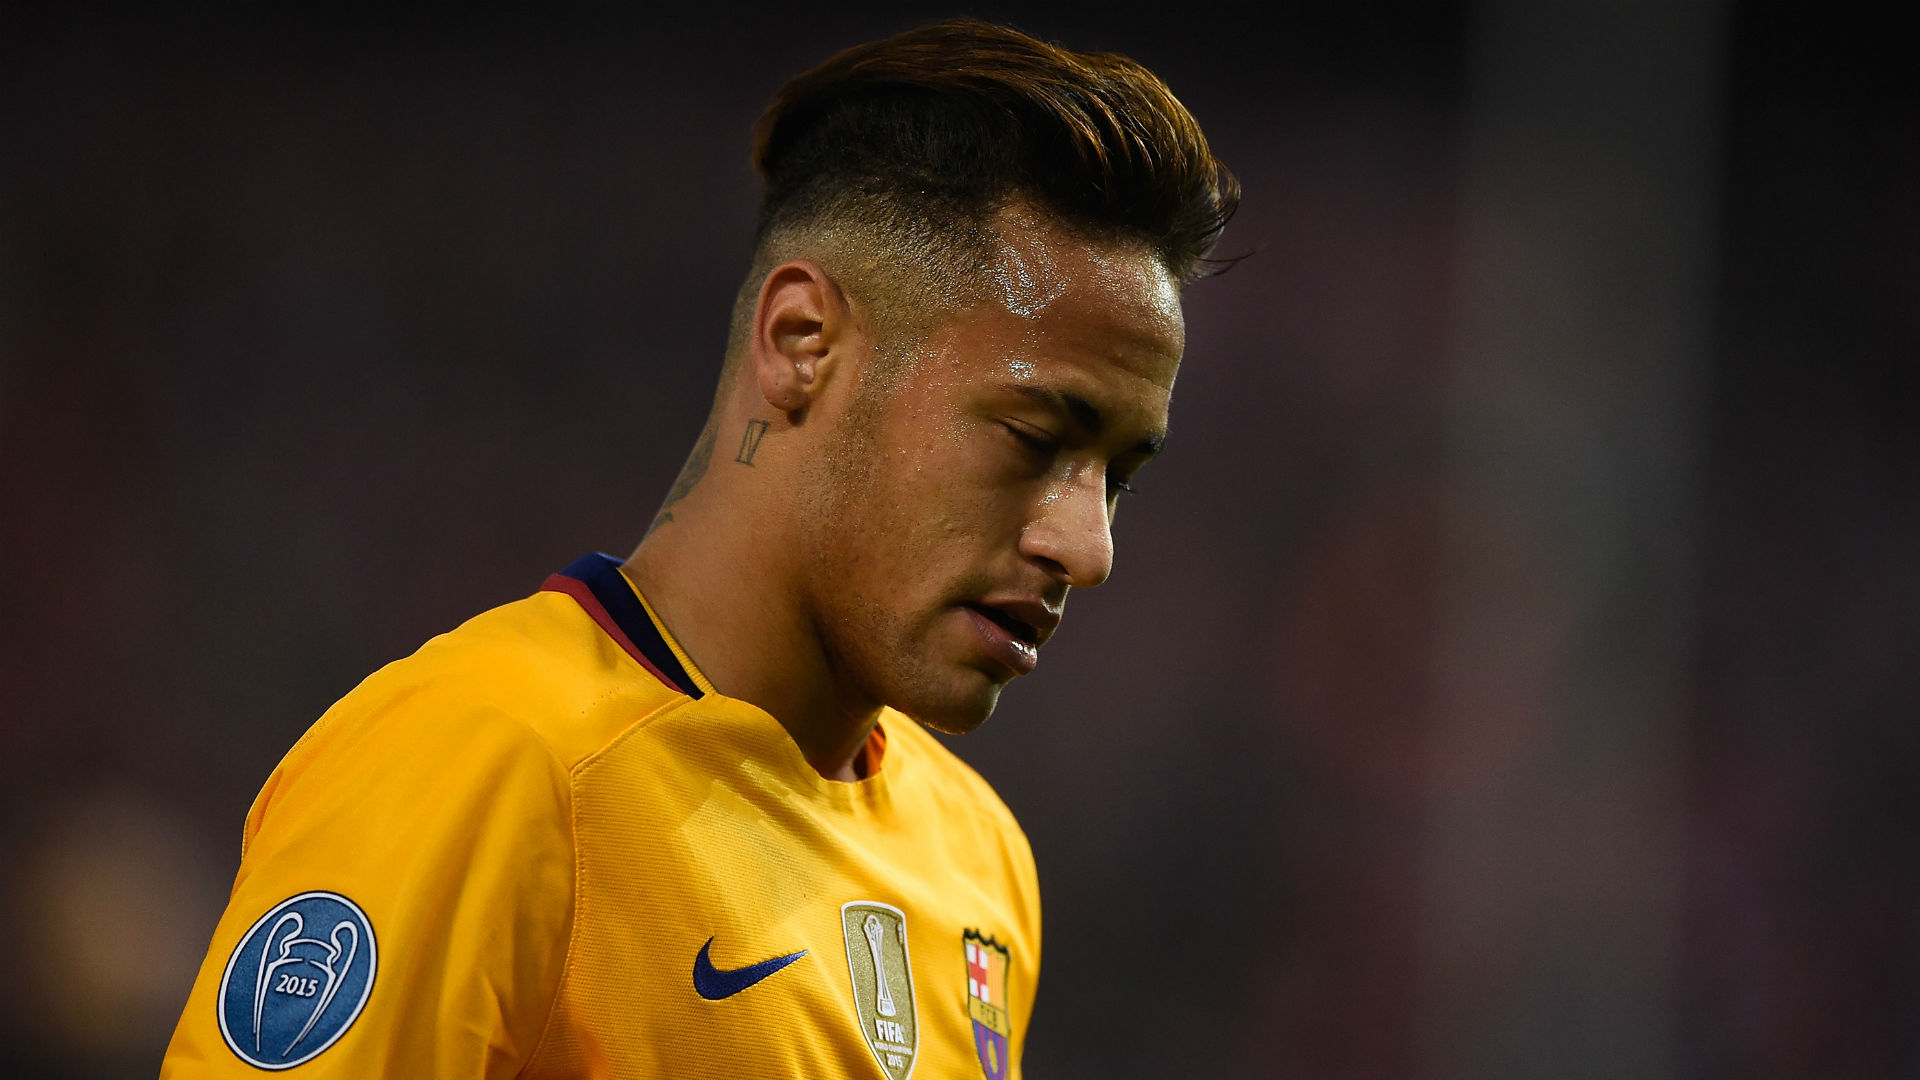 Neymar-cropped_7vib4pagbkwk107mm83nfedno